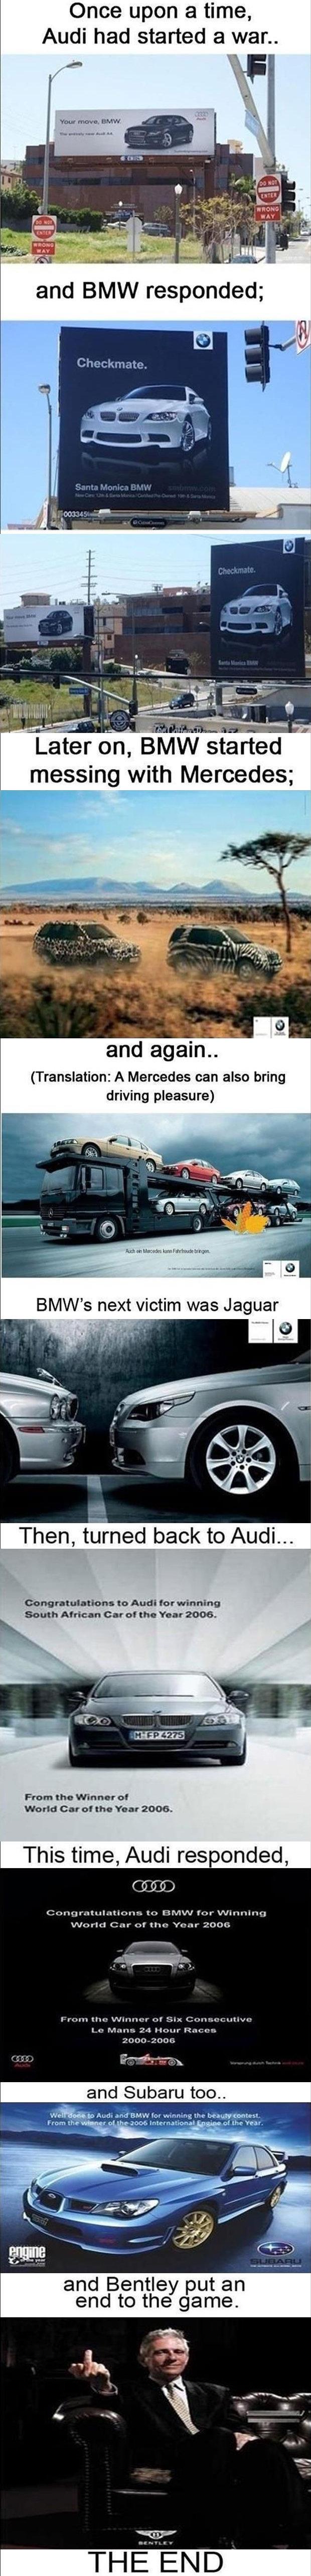 car-manufacturers-funny-war-audi-bmw